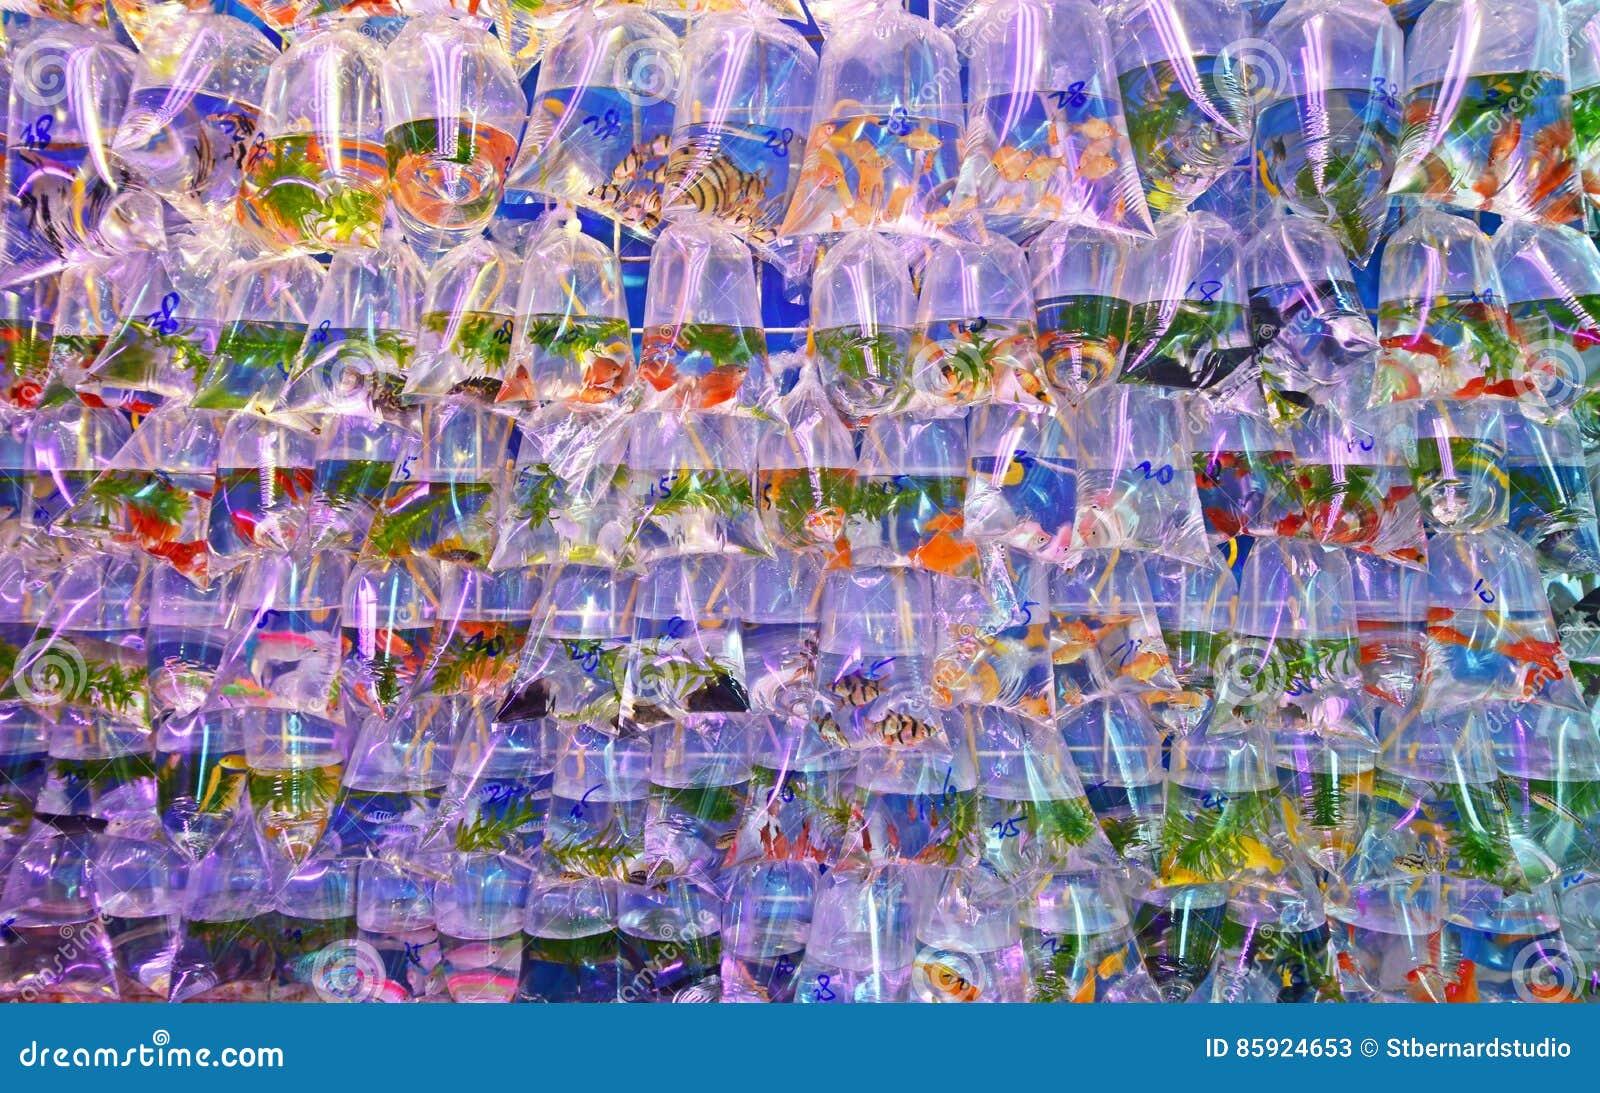 Разнообразие слишком толпить рыбы аквариума свежей воды продали в пластиковом мешке прозрачной пластмассы